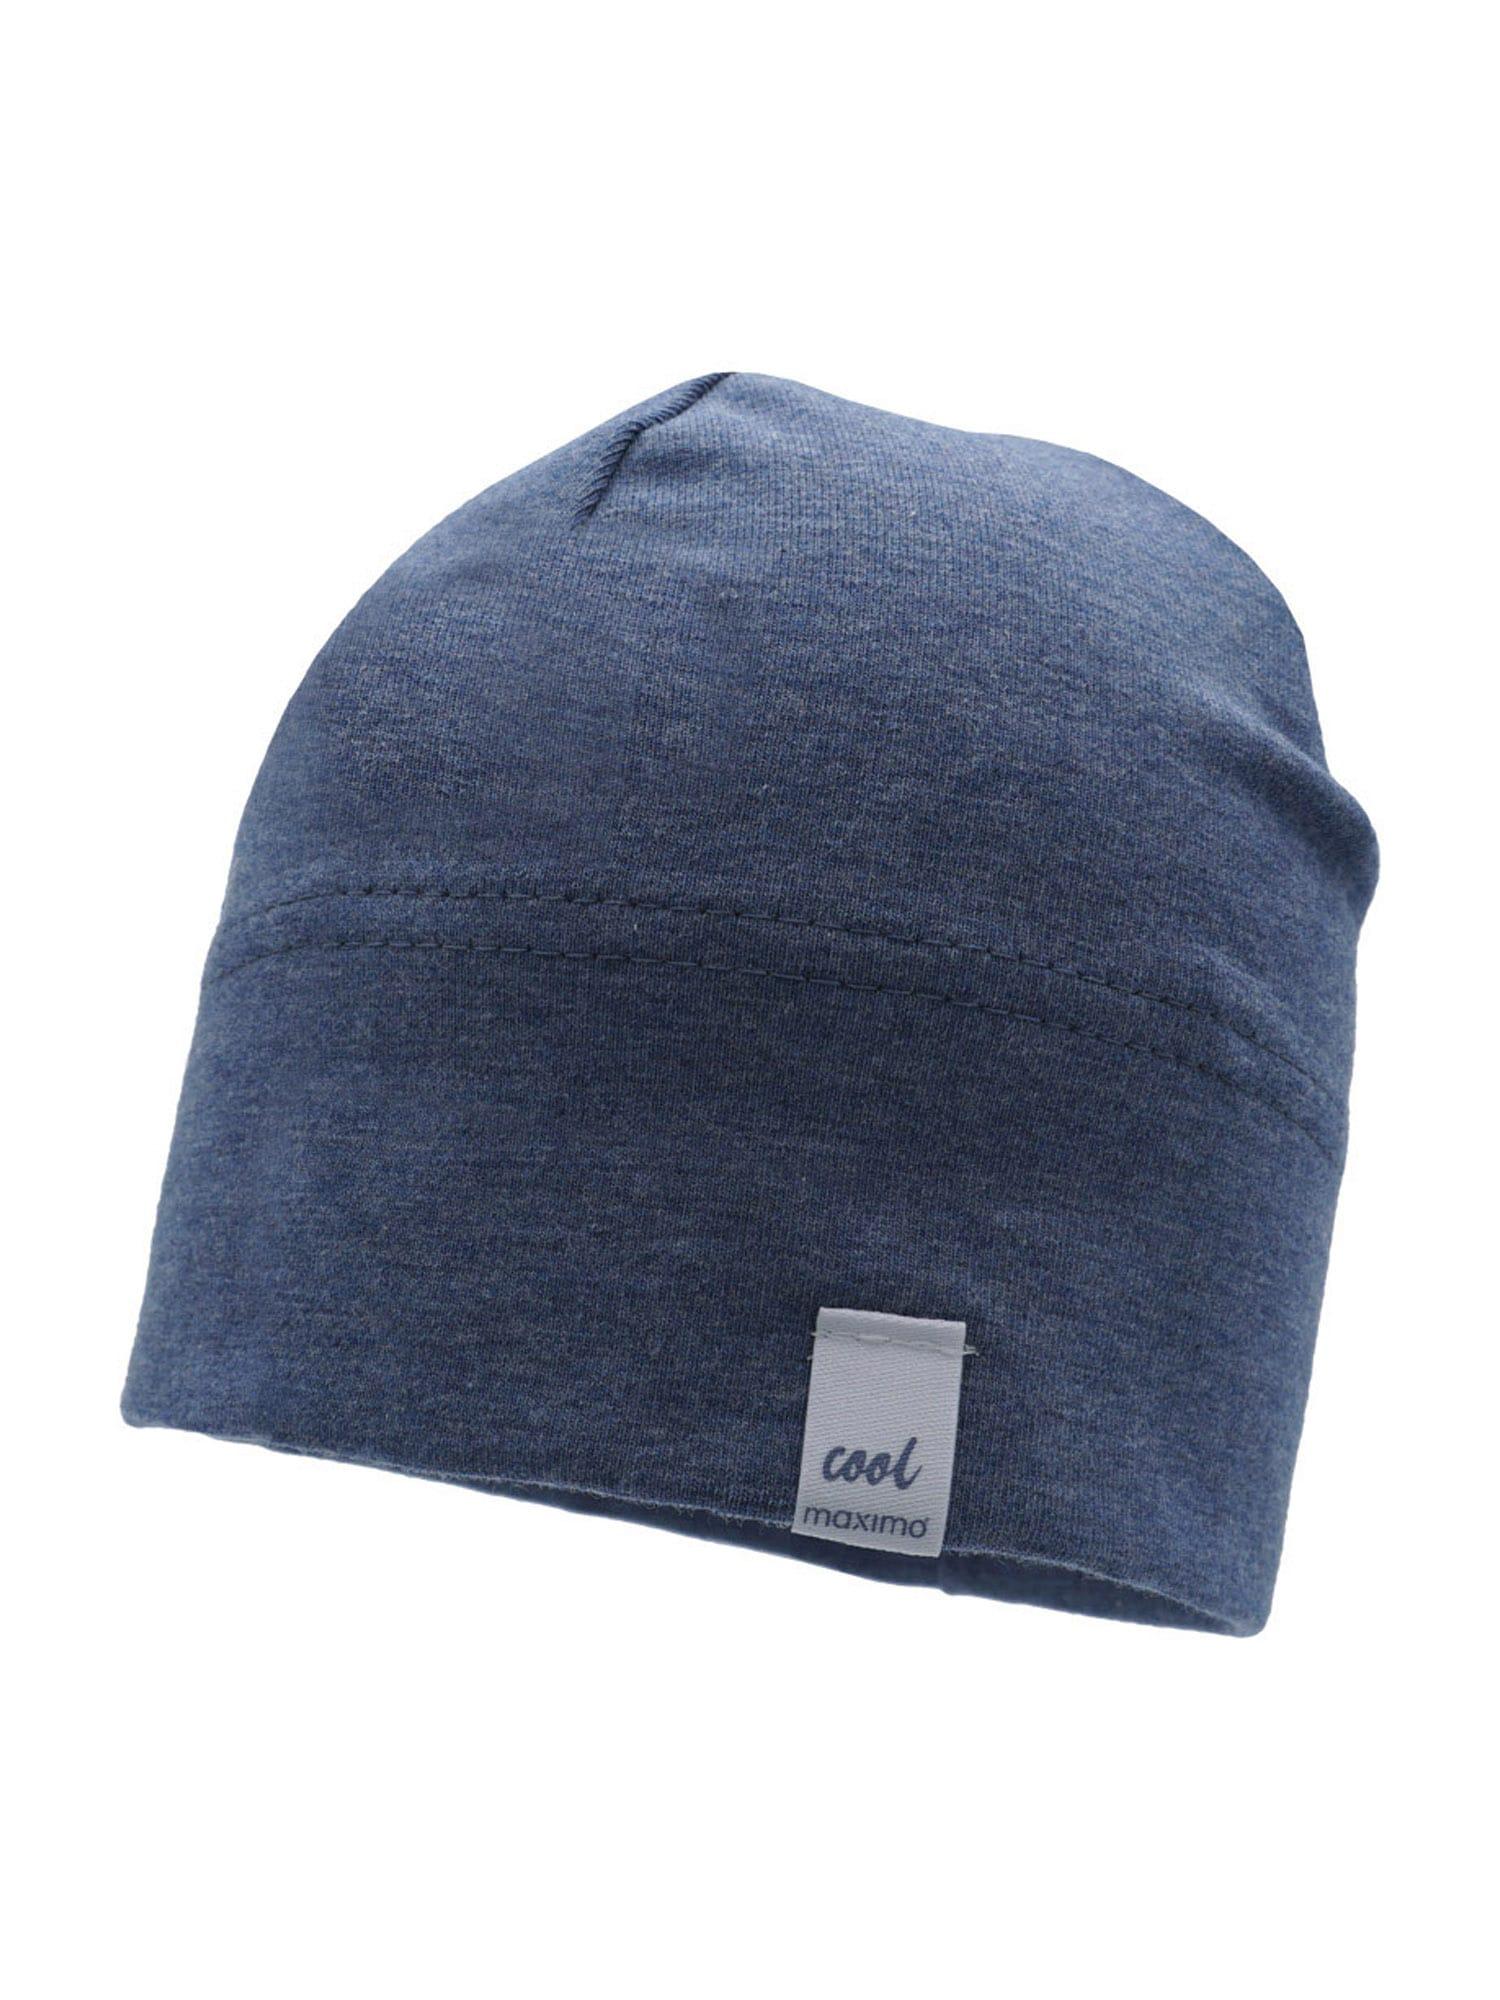 MAXIMO Megzta kepurė nakties mėlyna